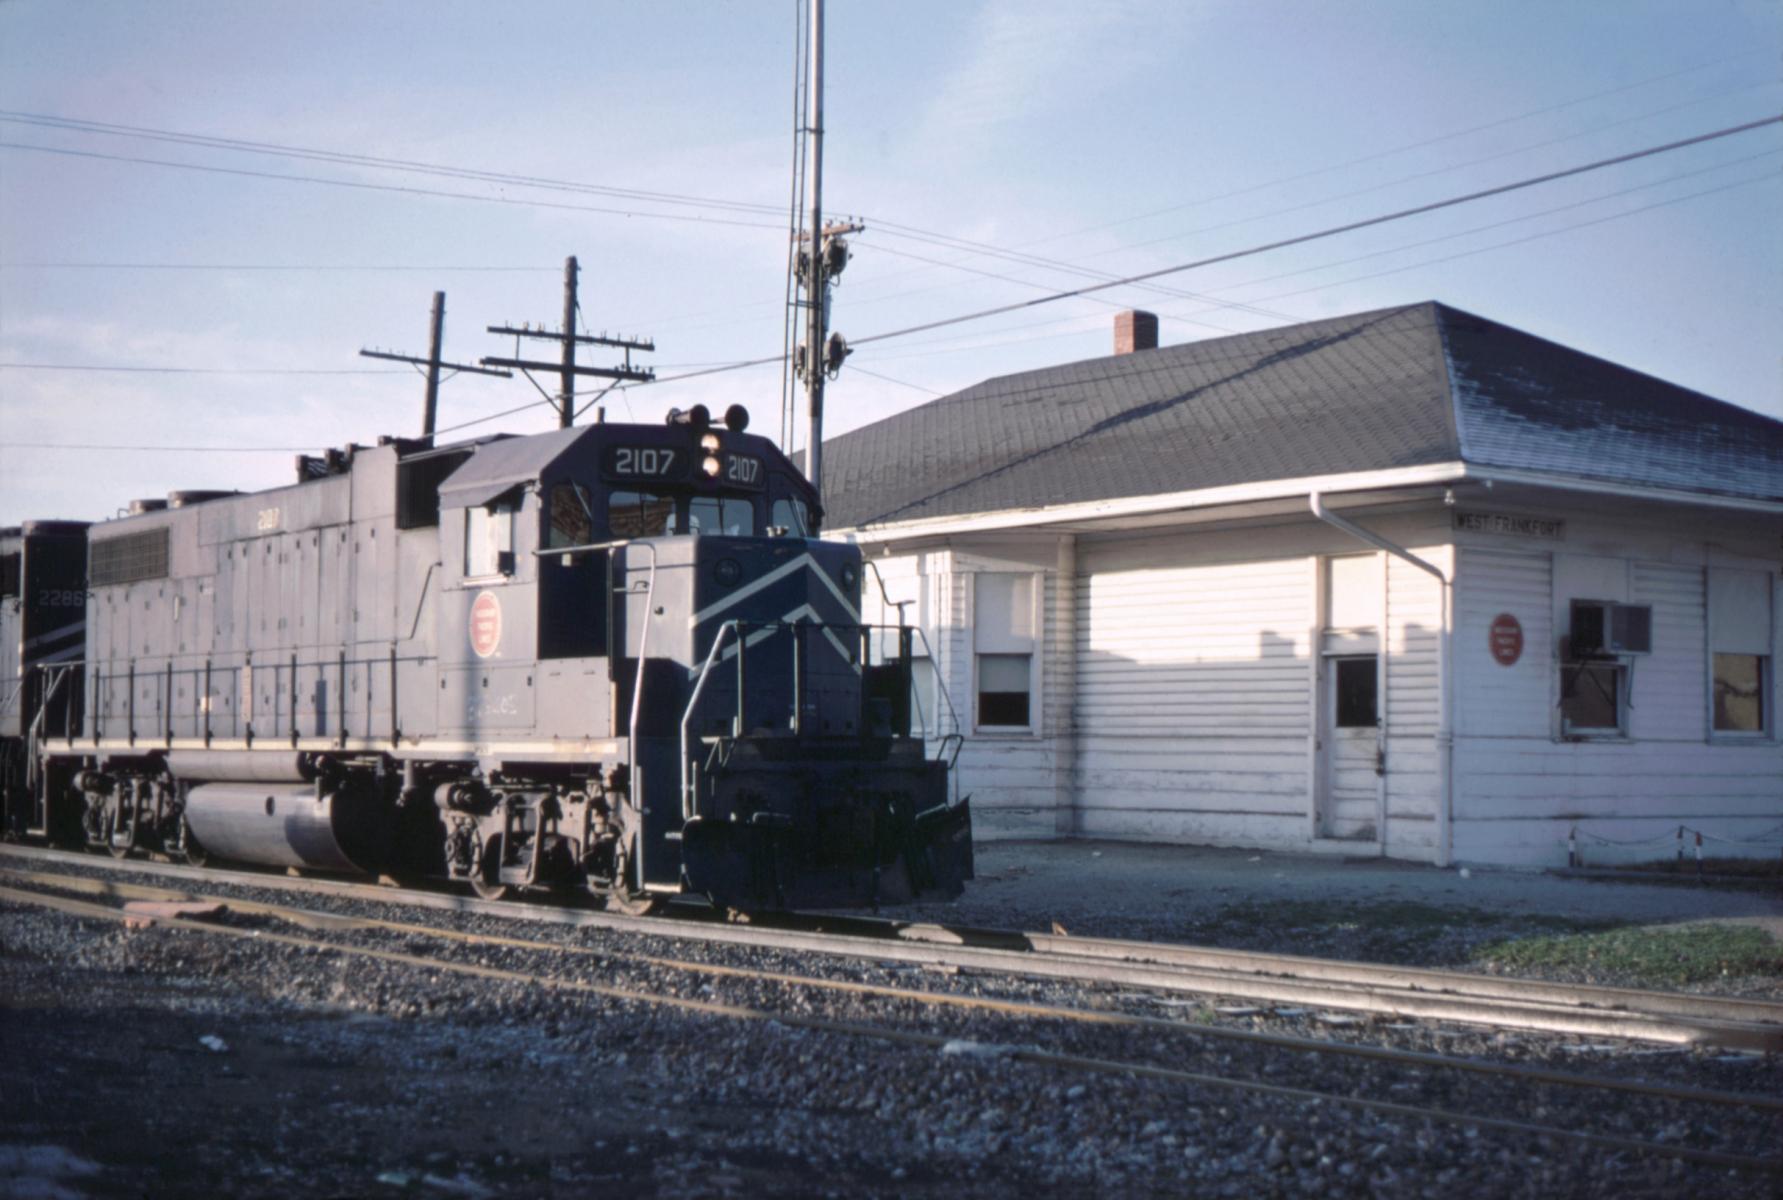 MP 2107 North bound